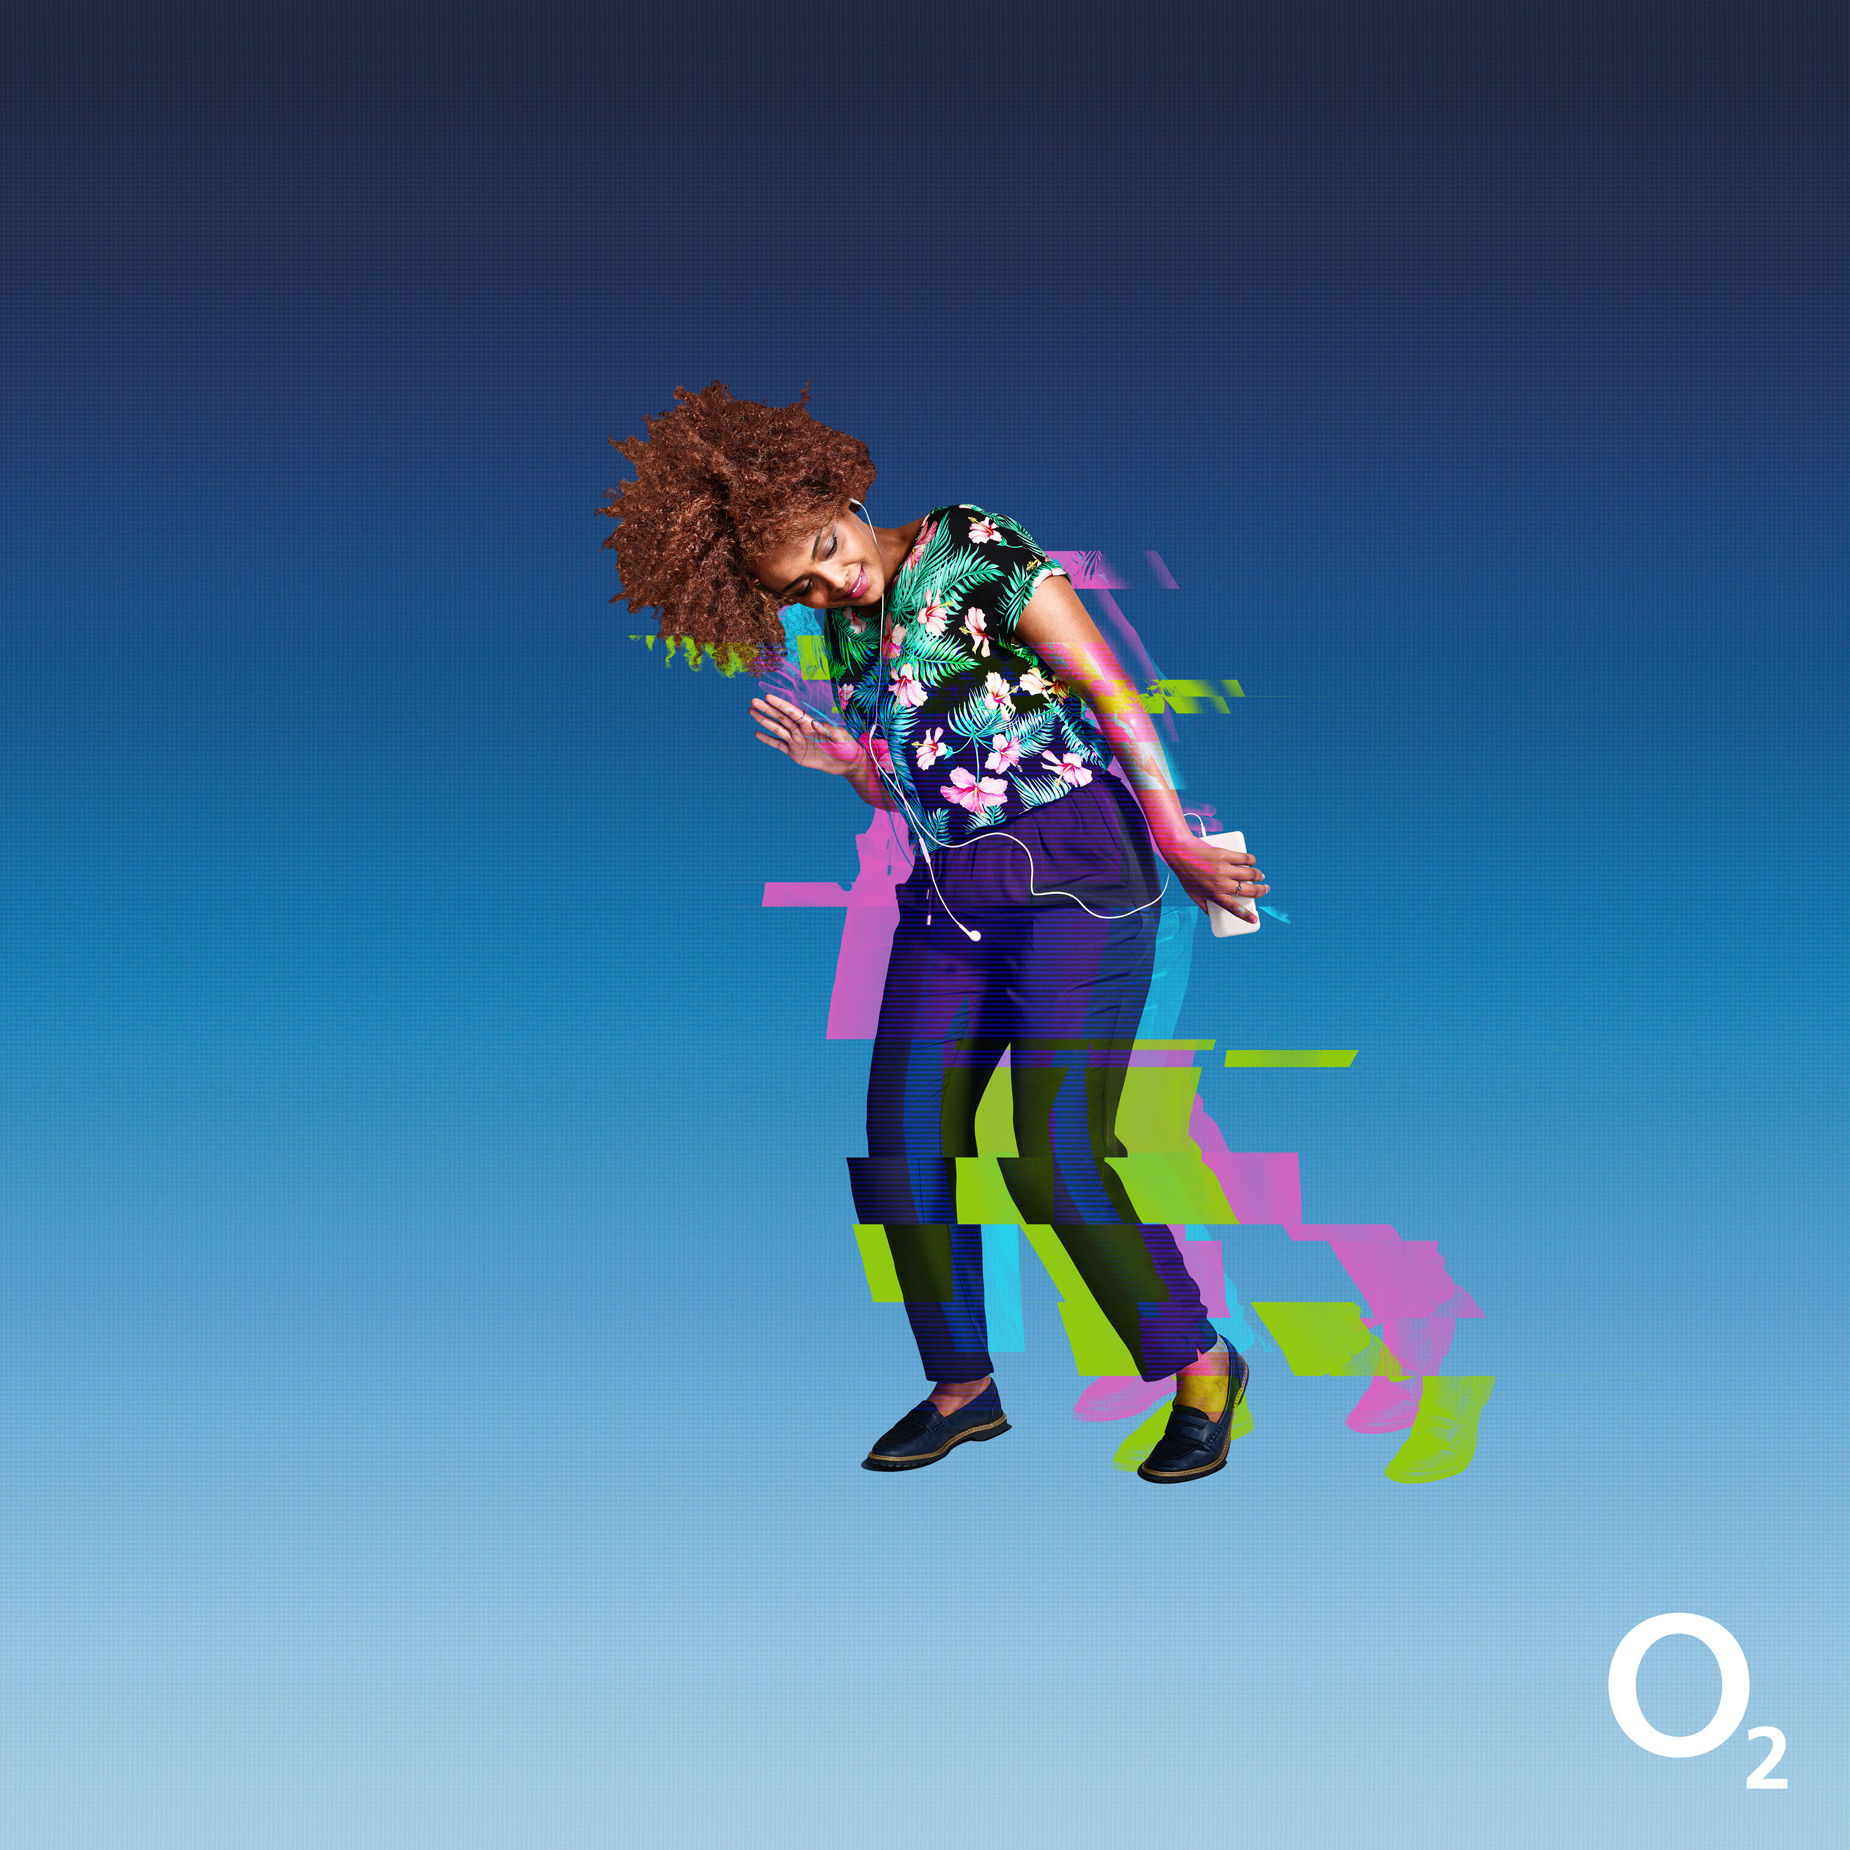 O2-Go-Think-Big-Bethel-Tadesse-2-Small-RGB